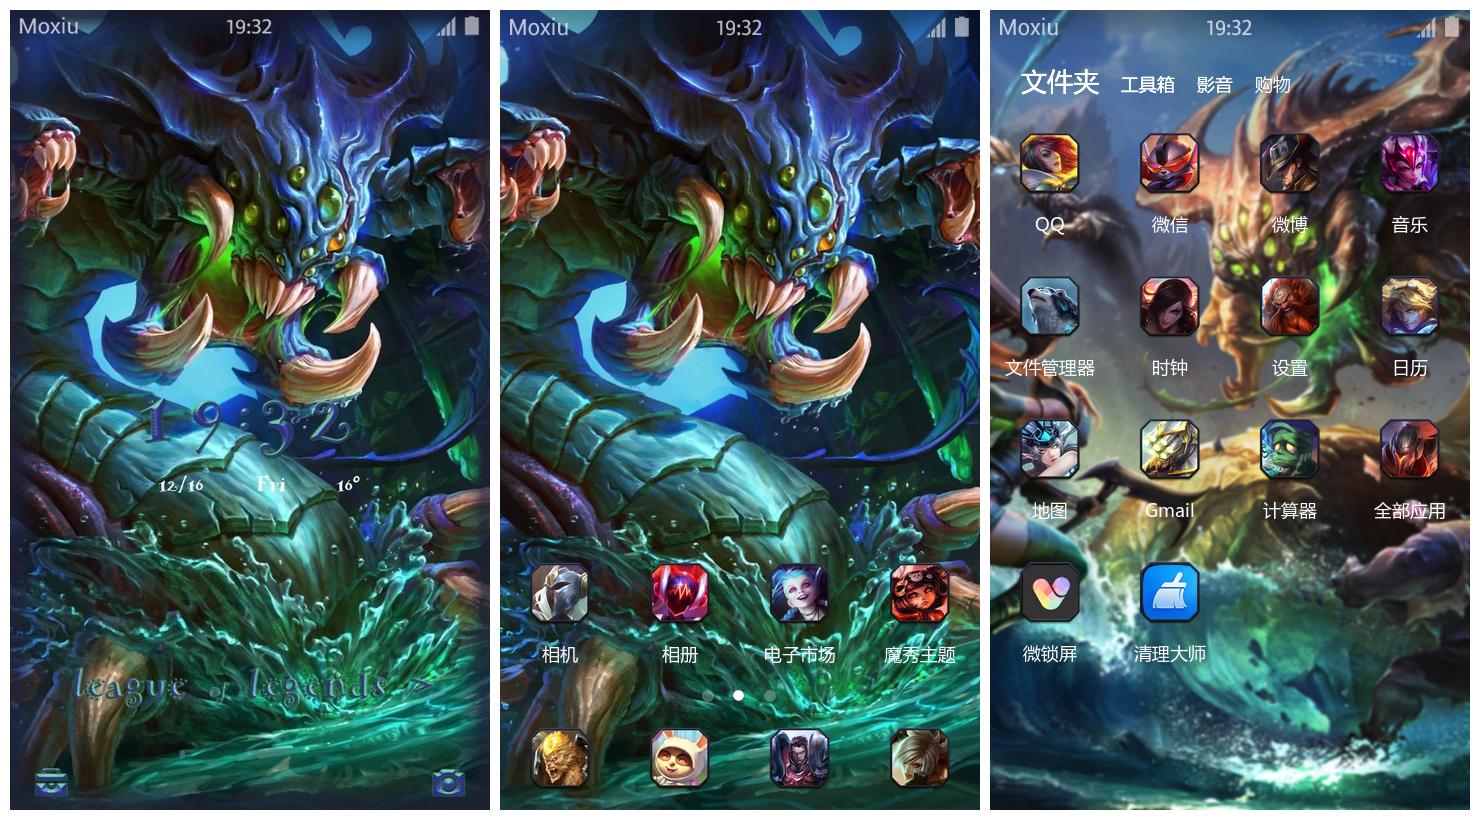 纳什男爵手机主题,英雄联盟主题,动漫手机主题